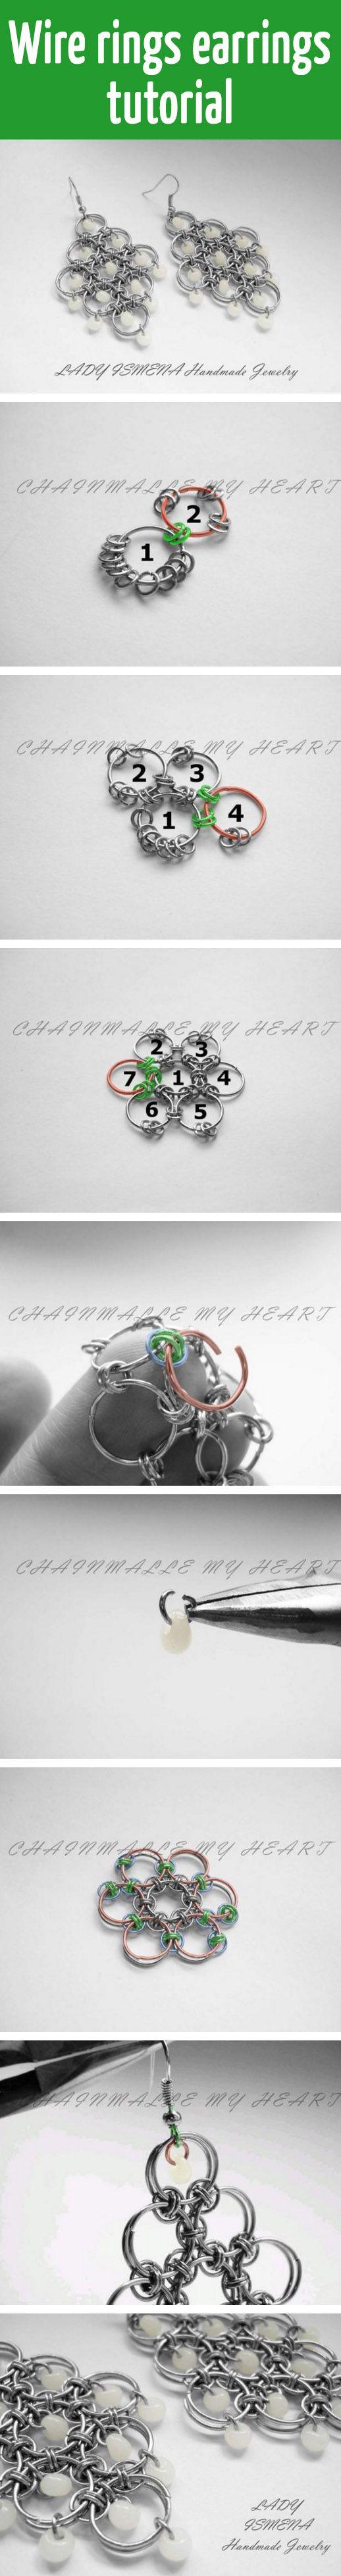 Wire rings earrings tutorial